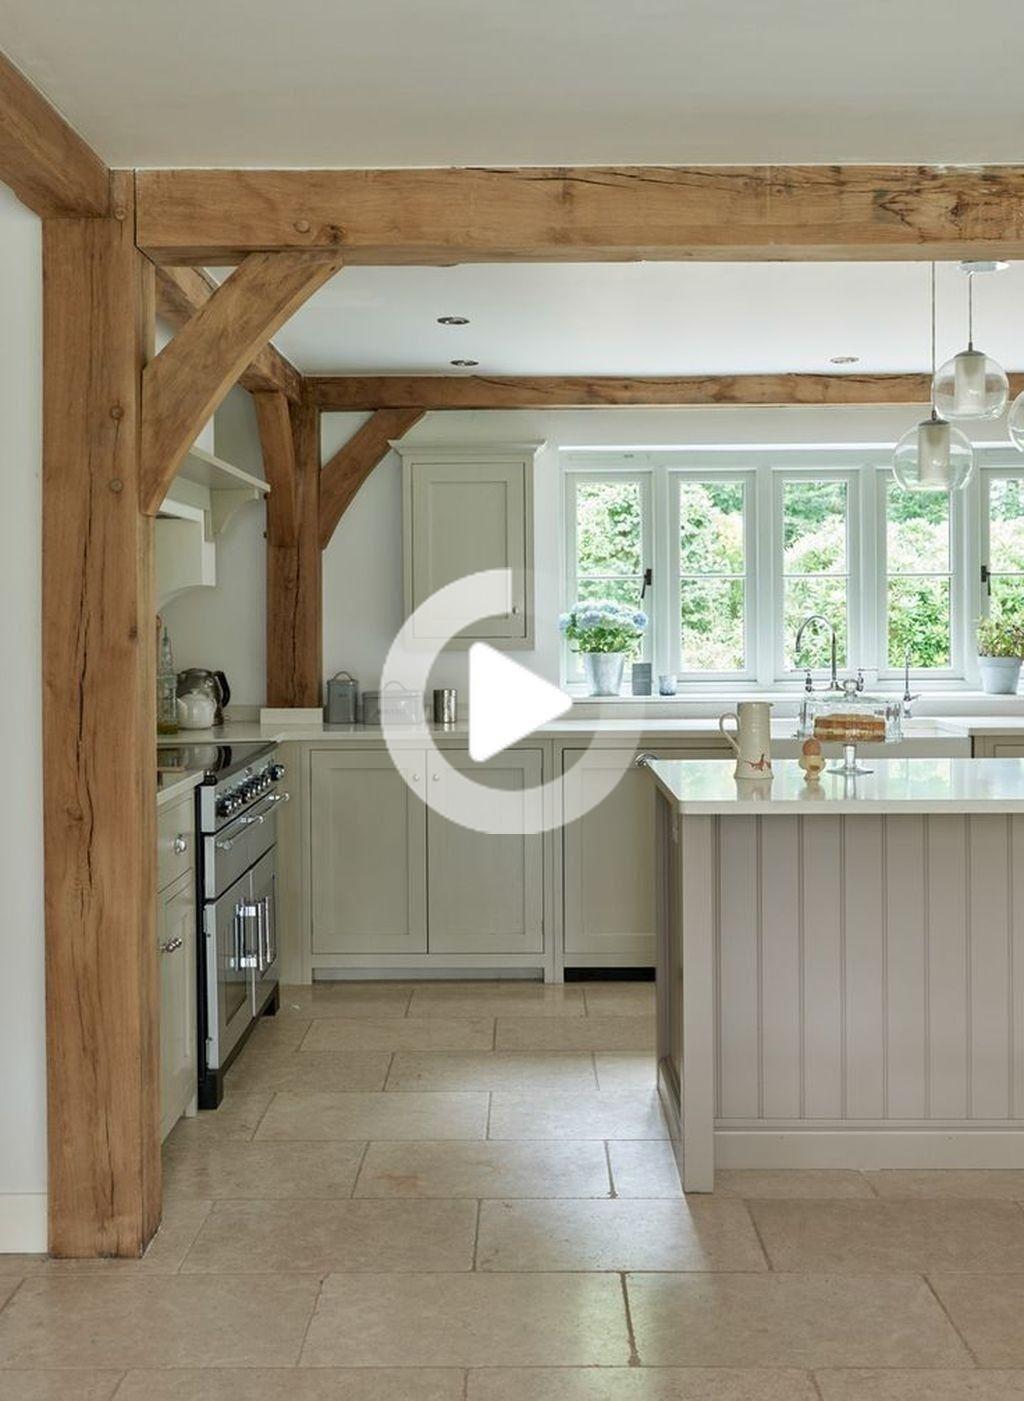 Idee Per La Cucina la cucina è il cuore della casa. e 'il luogo dove si può